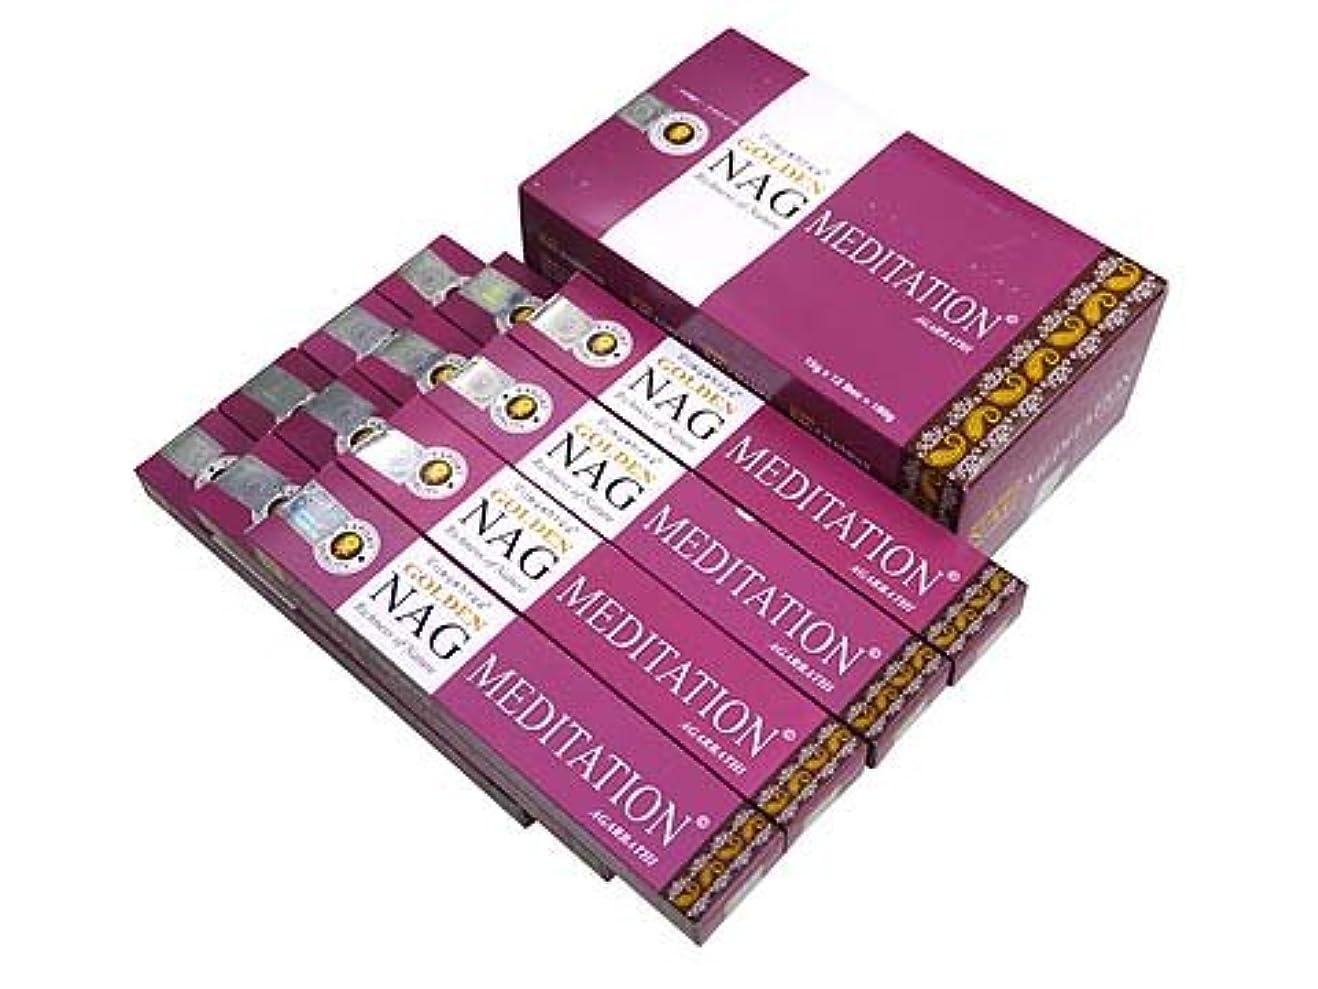 触覚調停者スポンサーVIJAYSHRE(ヴィジェイシリー ゴールデン) NAG MEDITATION ゴールデン ナグメディテーション香 スティック 12箱セット